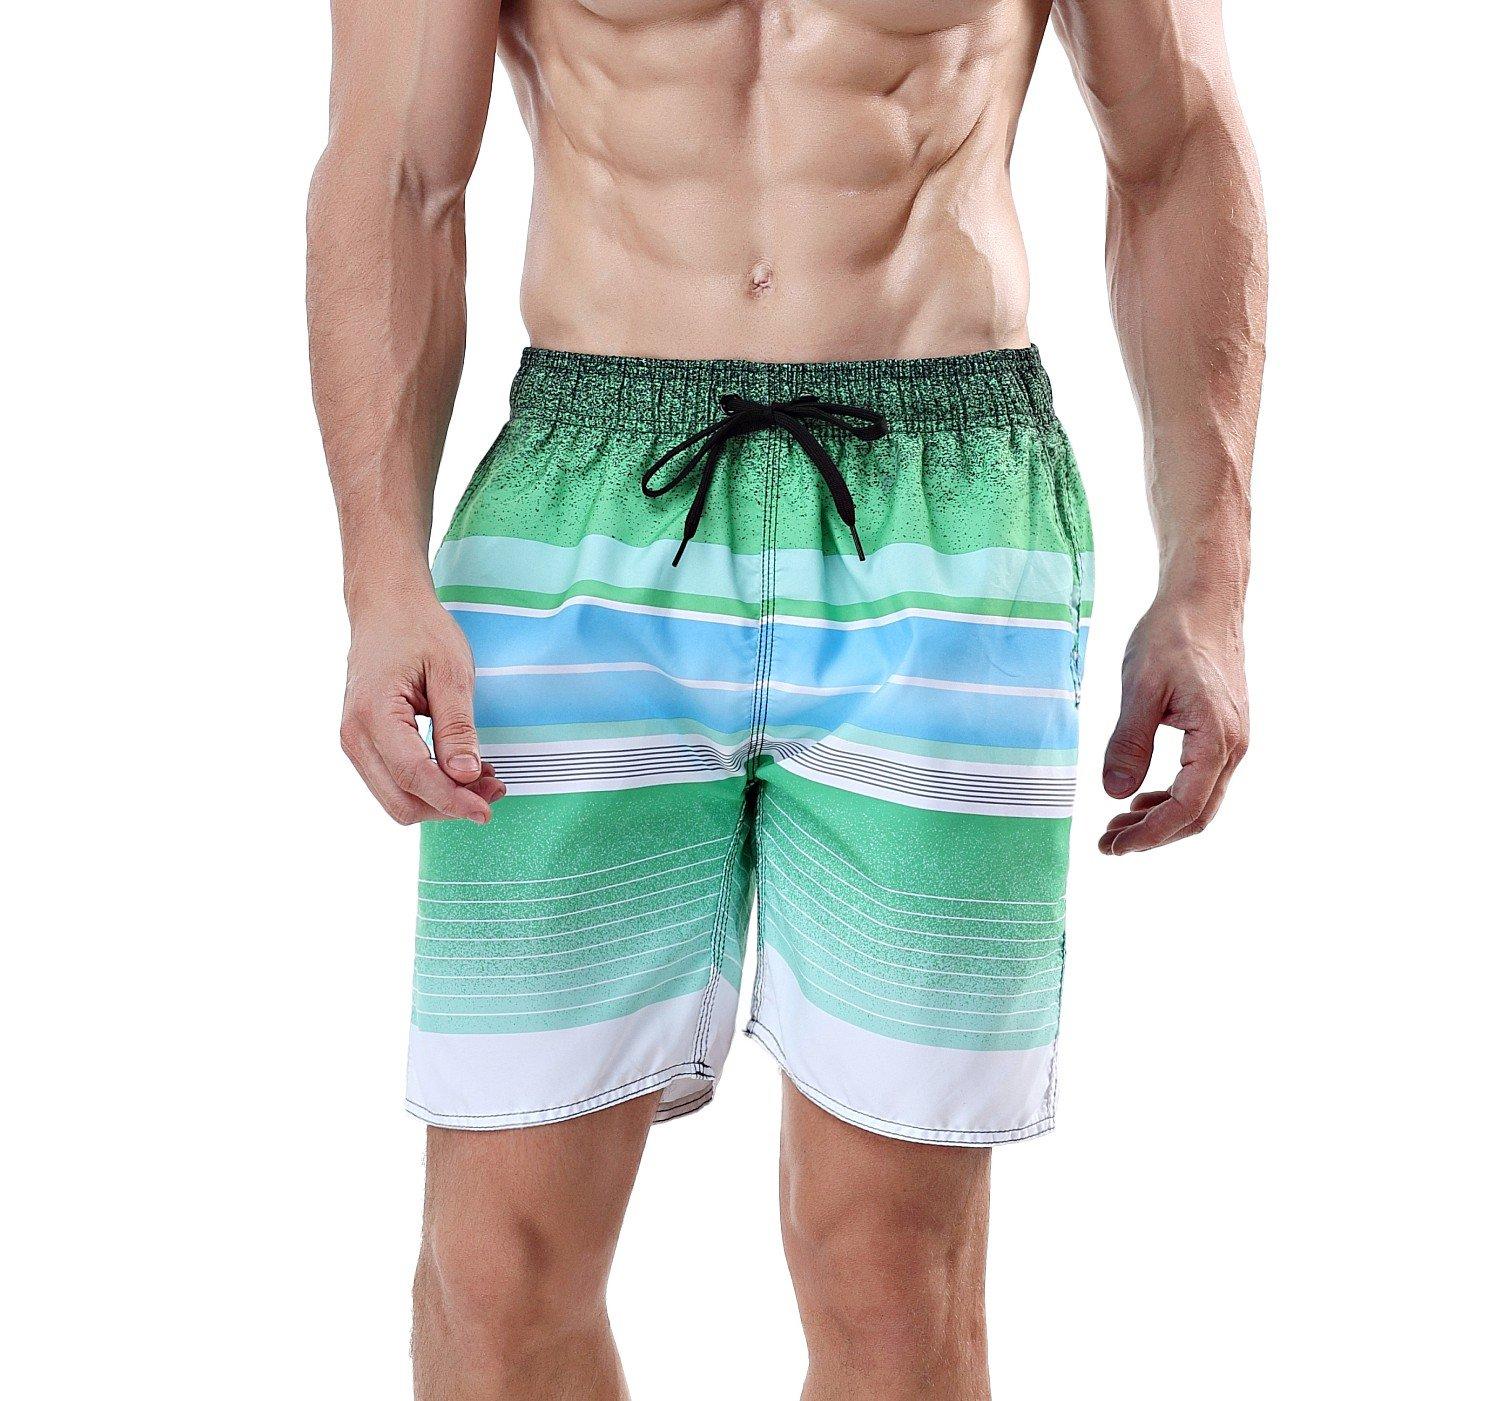 ee0302cd2fdf3 Best Rated in Men s Swim Briefs   Helpful Customer Reviews - Amazon ...